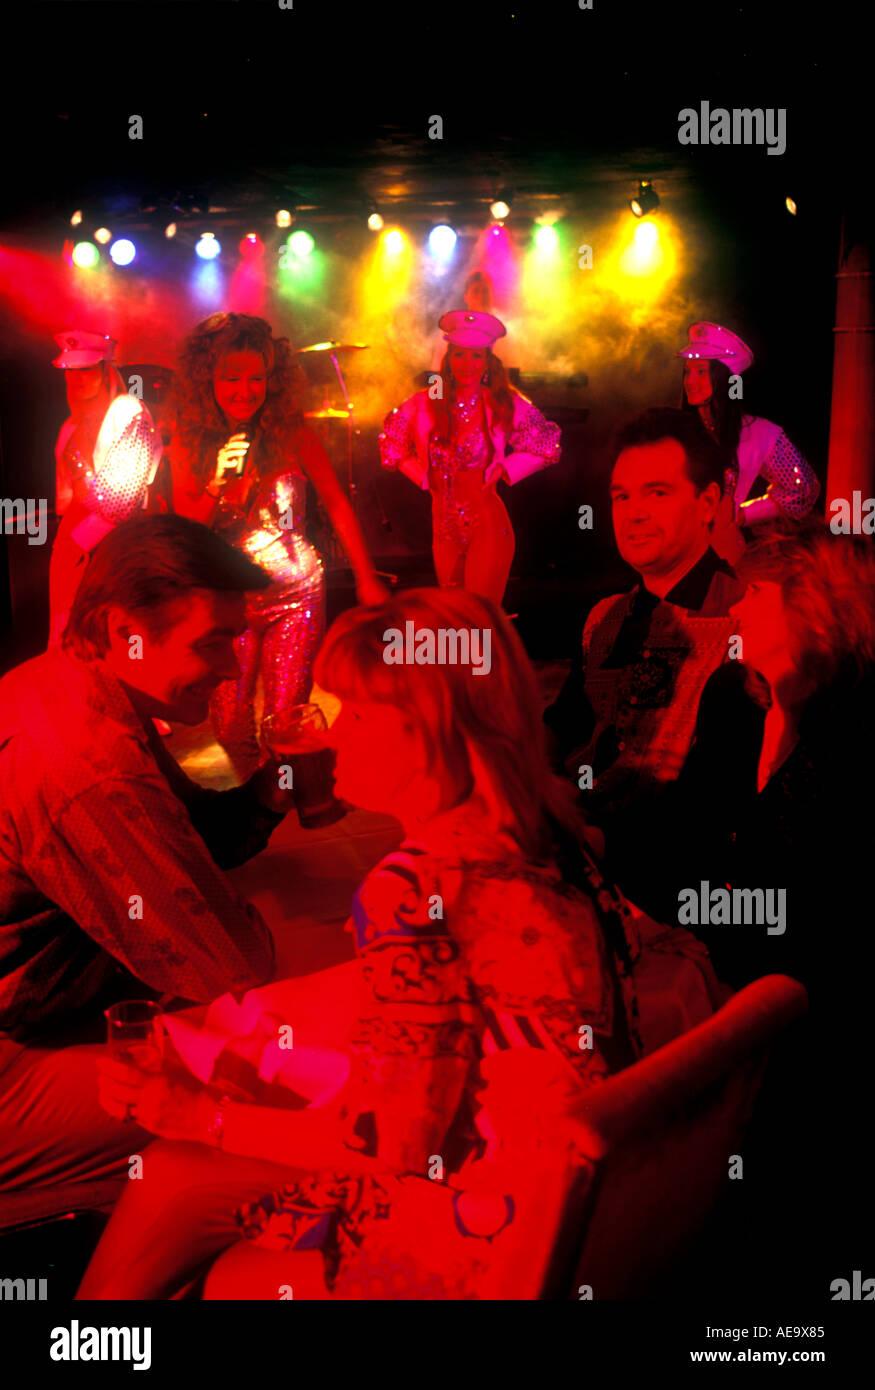 Due coppie 2 sedersi in discoteca night club con molto illuminazione rossa su facce godendo dei ballerini danzare Immagini Stock